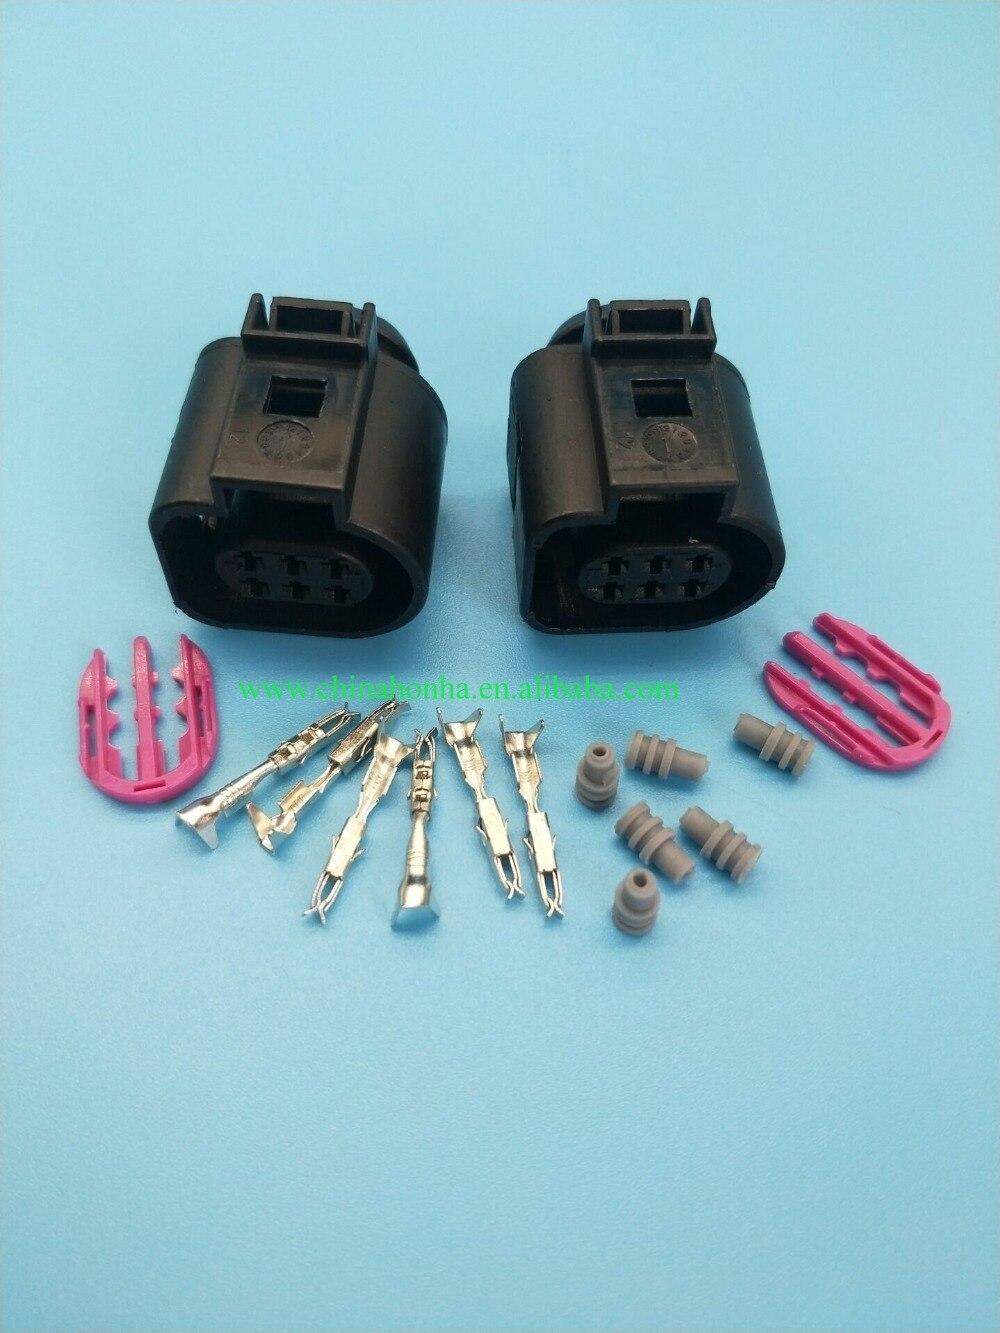 5/10/20/50/100 peças 6 pinos 1.5mm à prova dwaterproof água plug válvula do acelerador elemento de controle conector 1j0 973 713 1j0973713